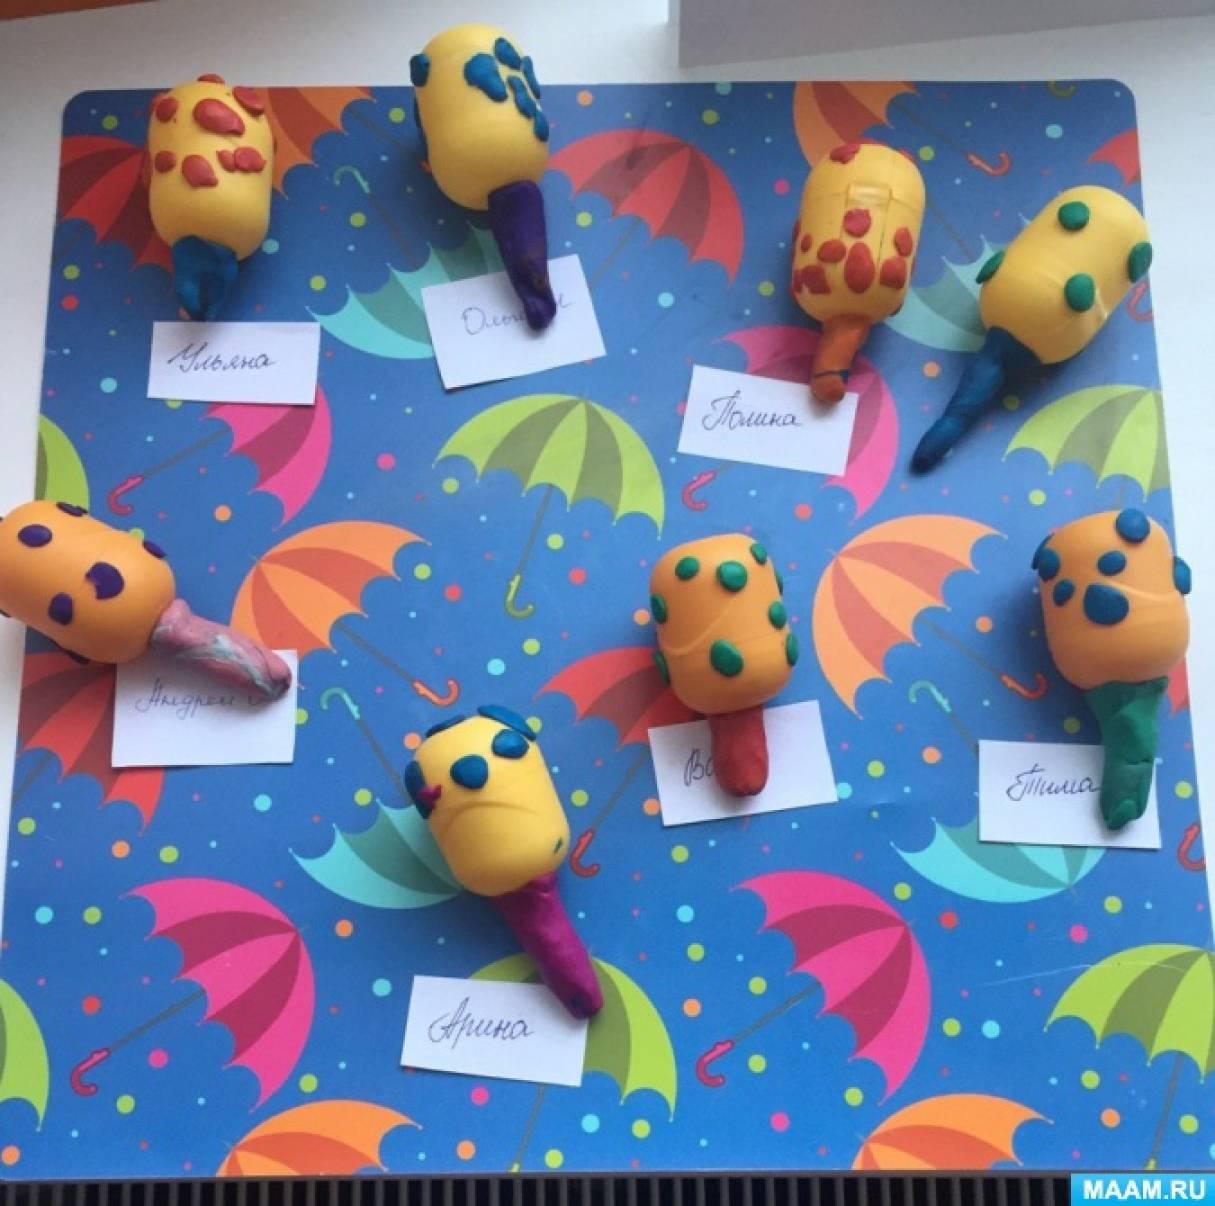 Конспект занятия по лепке «Безопасная игрушка-весёлая погремушка» во второй младшей группе